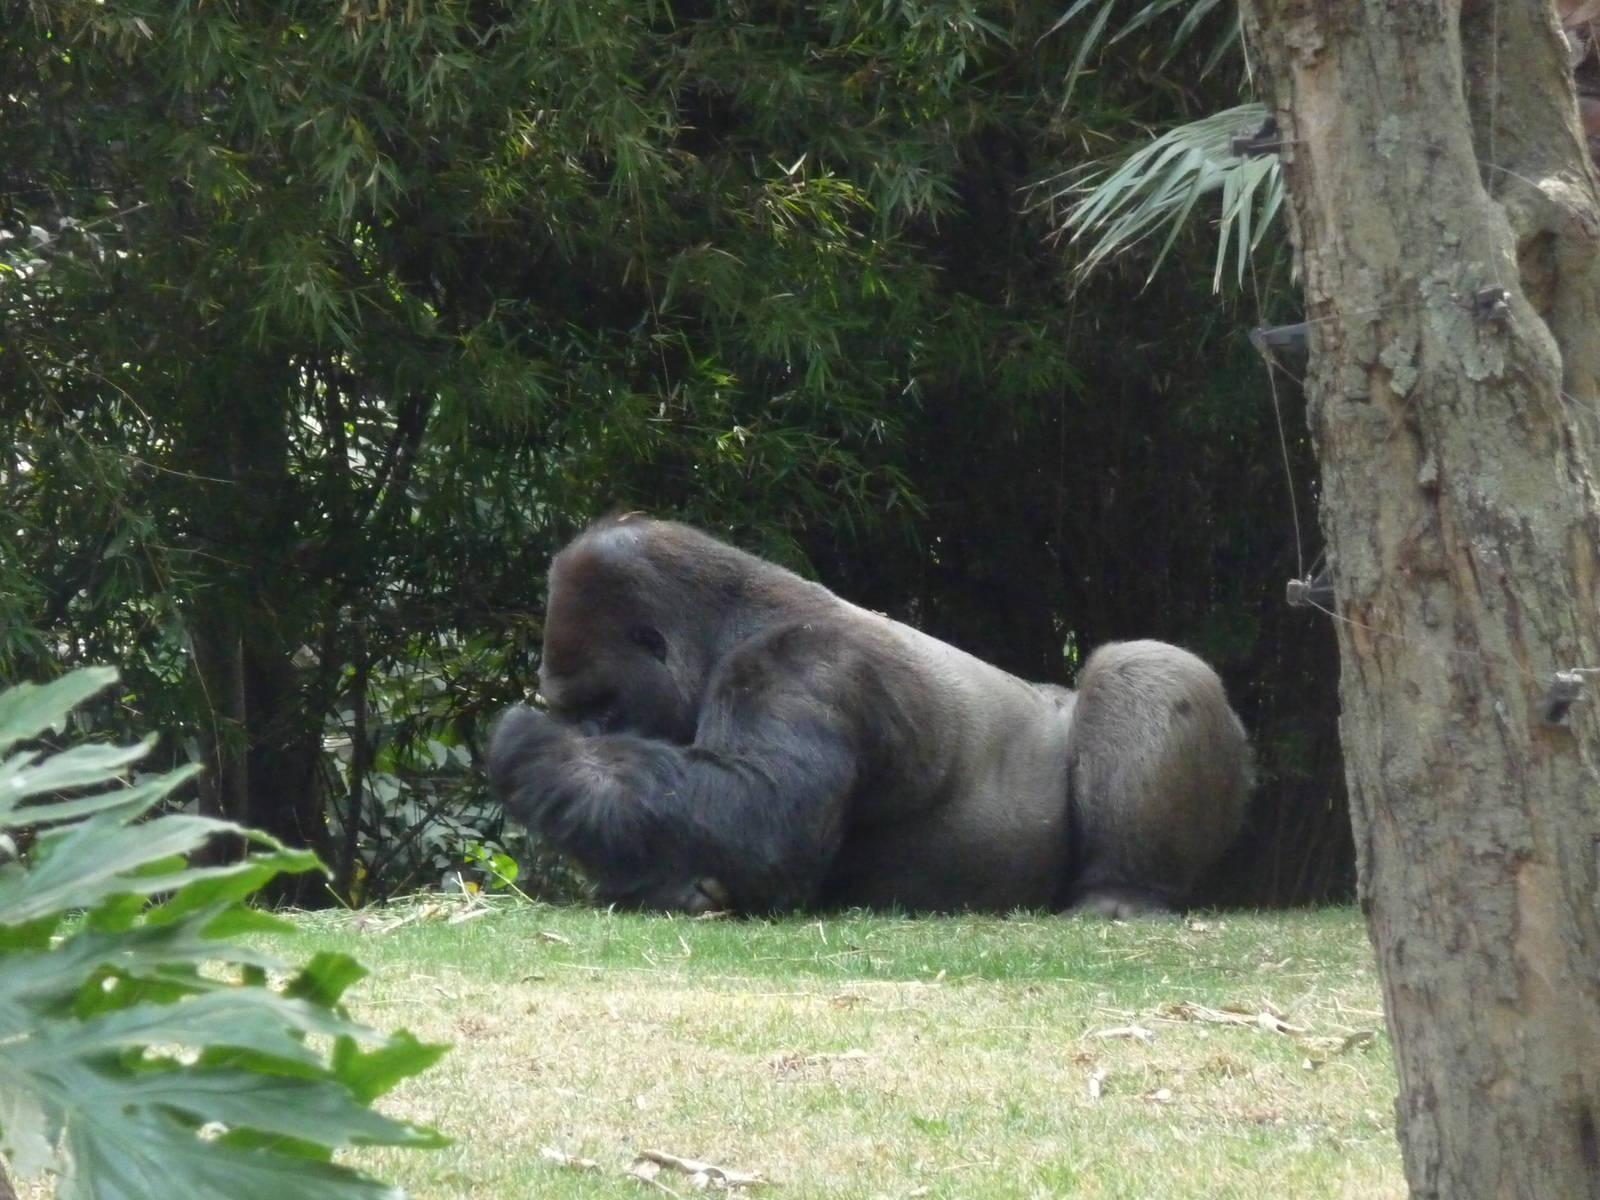 bantu male gorilla eats